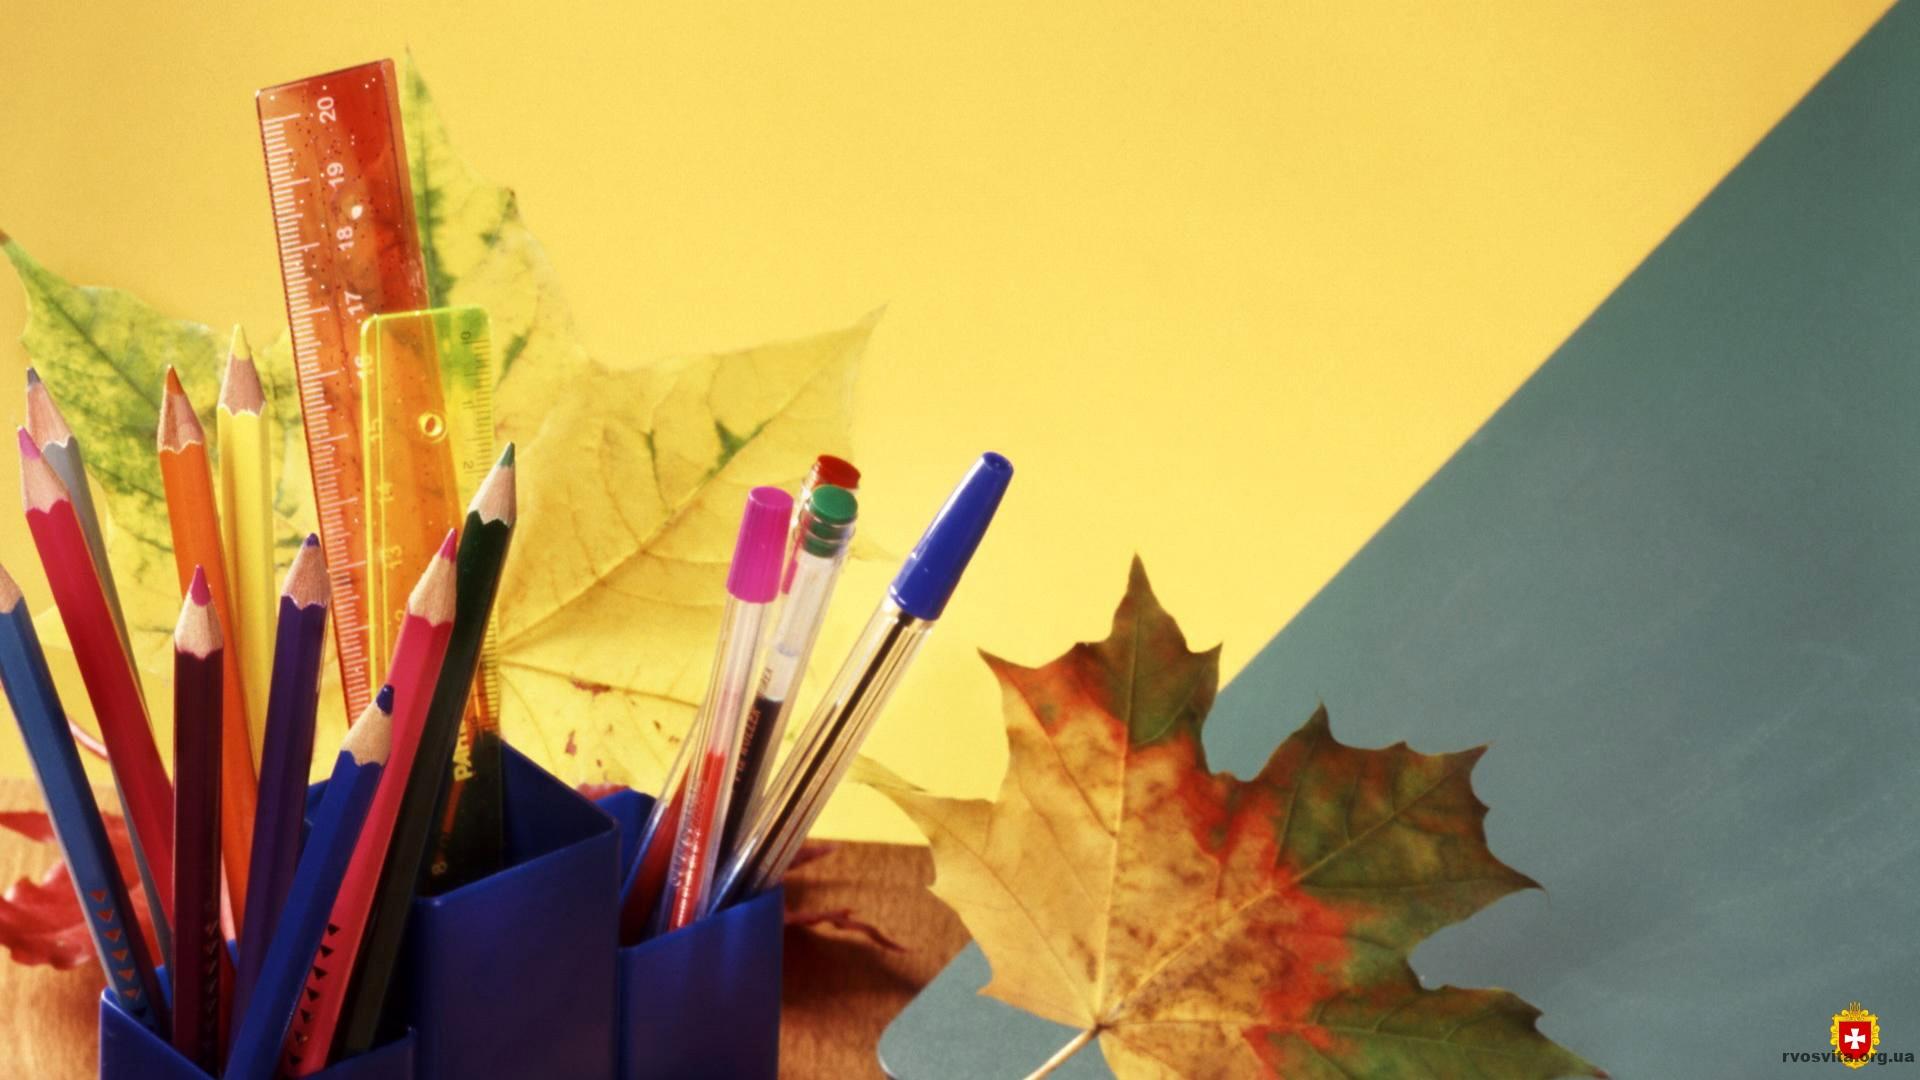 Дорогі школярі та студенти, шановні вчителі та батьки!     Від щирого серця вітаємо вас із Днем знань!